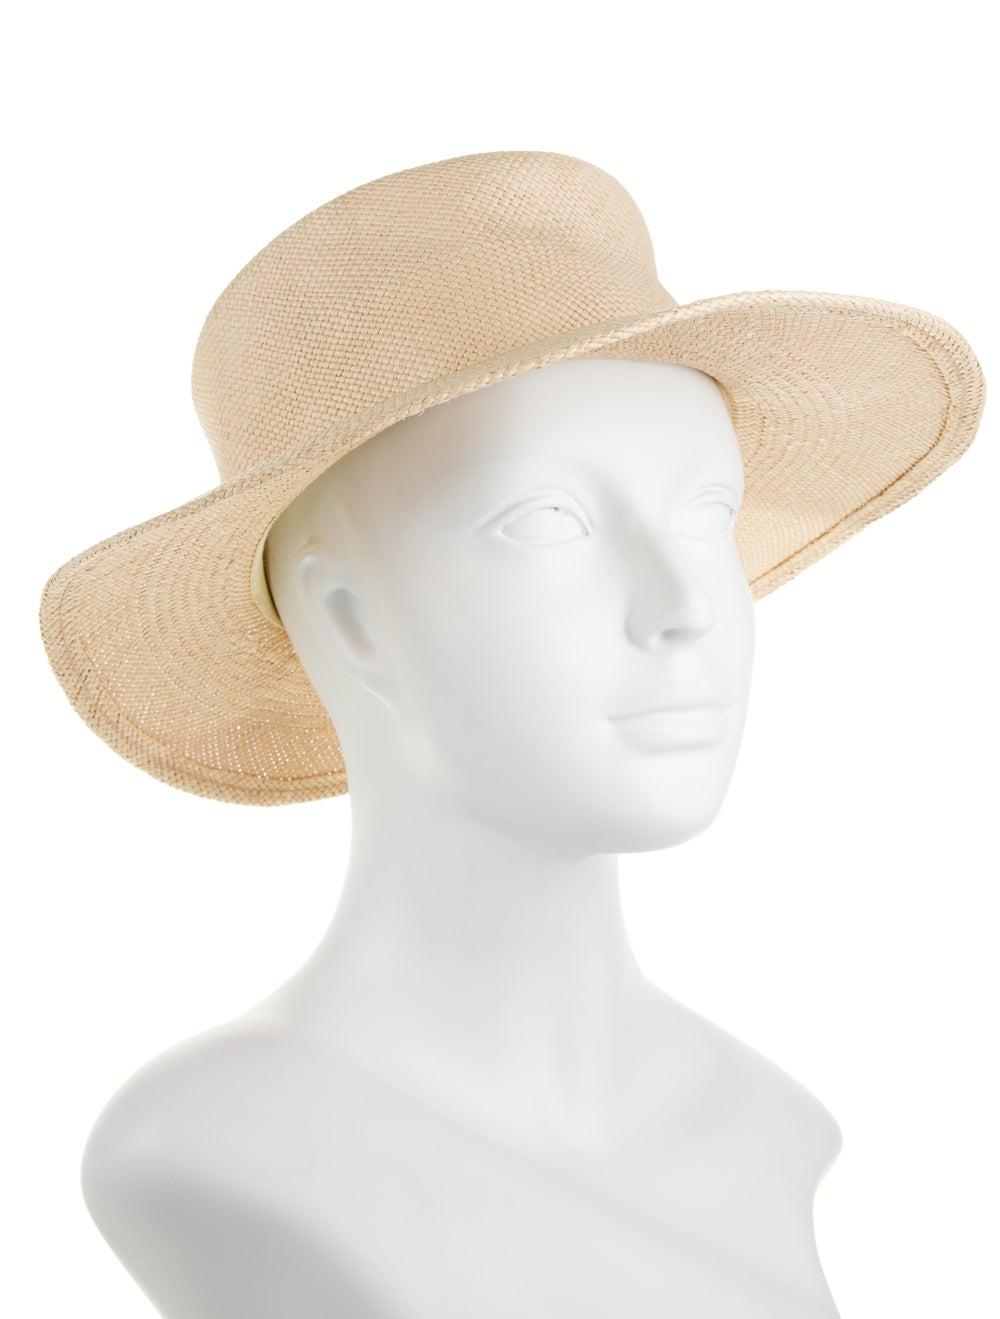 Clyde Straw Wide Brim Hat - image 3